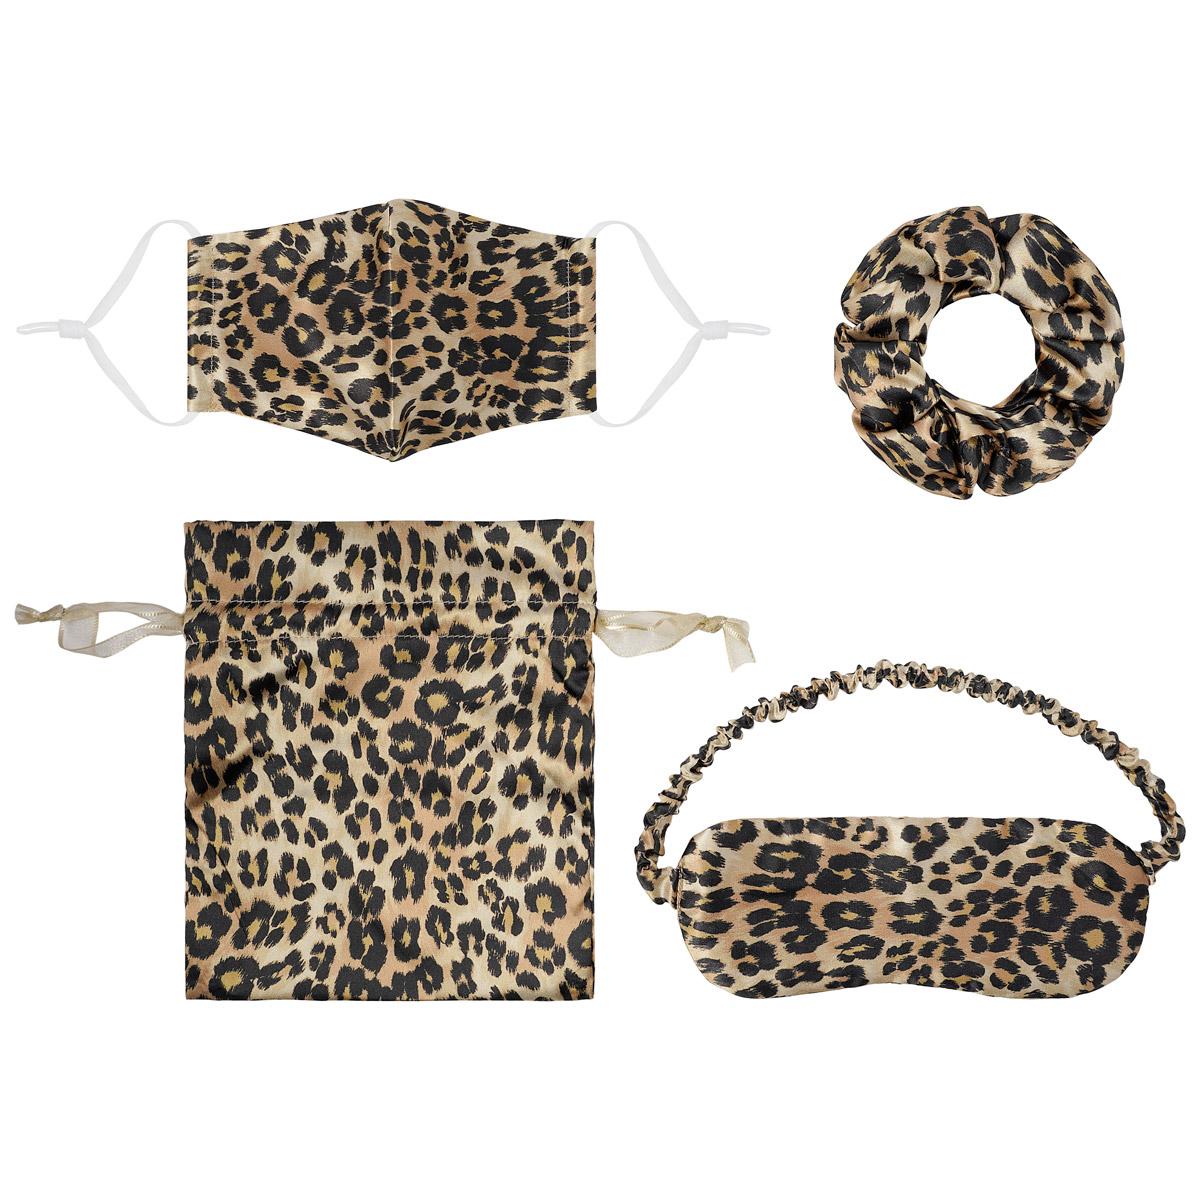 Setje Leopard Suprise mondkapje scrunchie oogklepje setje met tasje cadeauset kopen bestellen